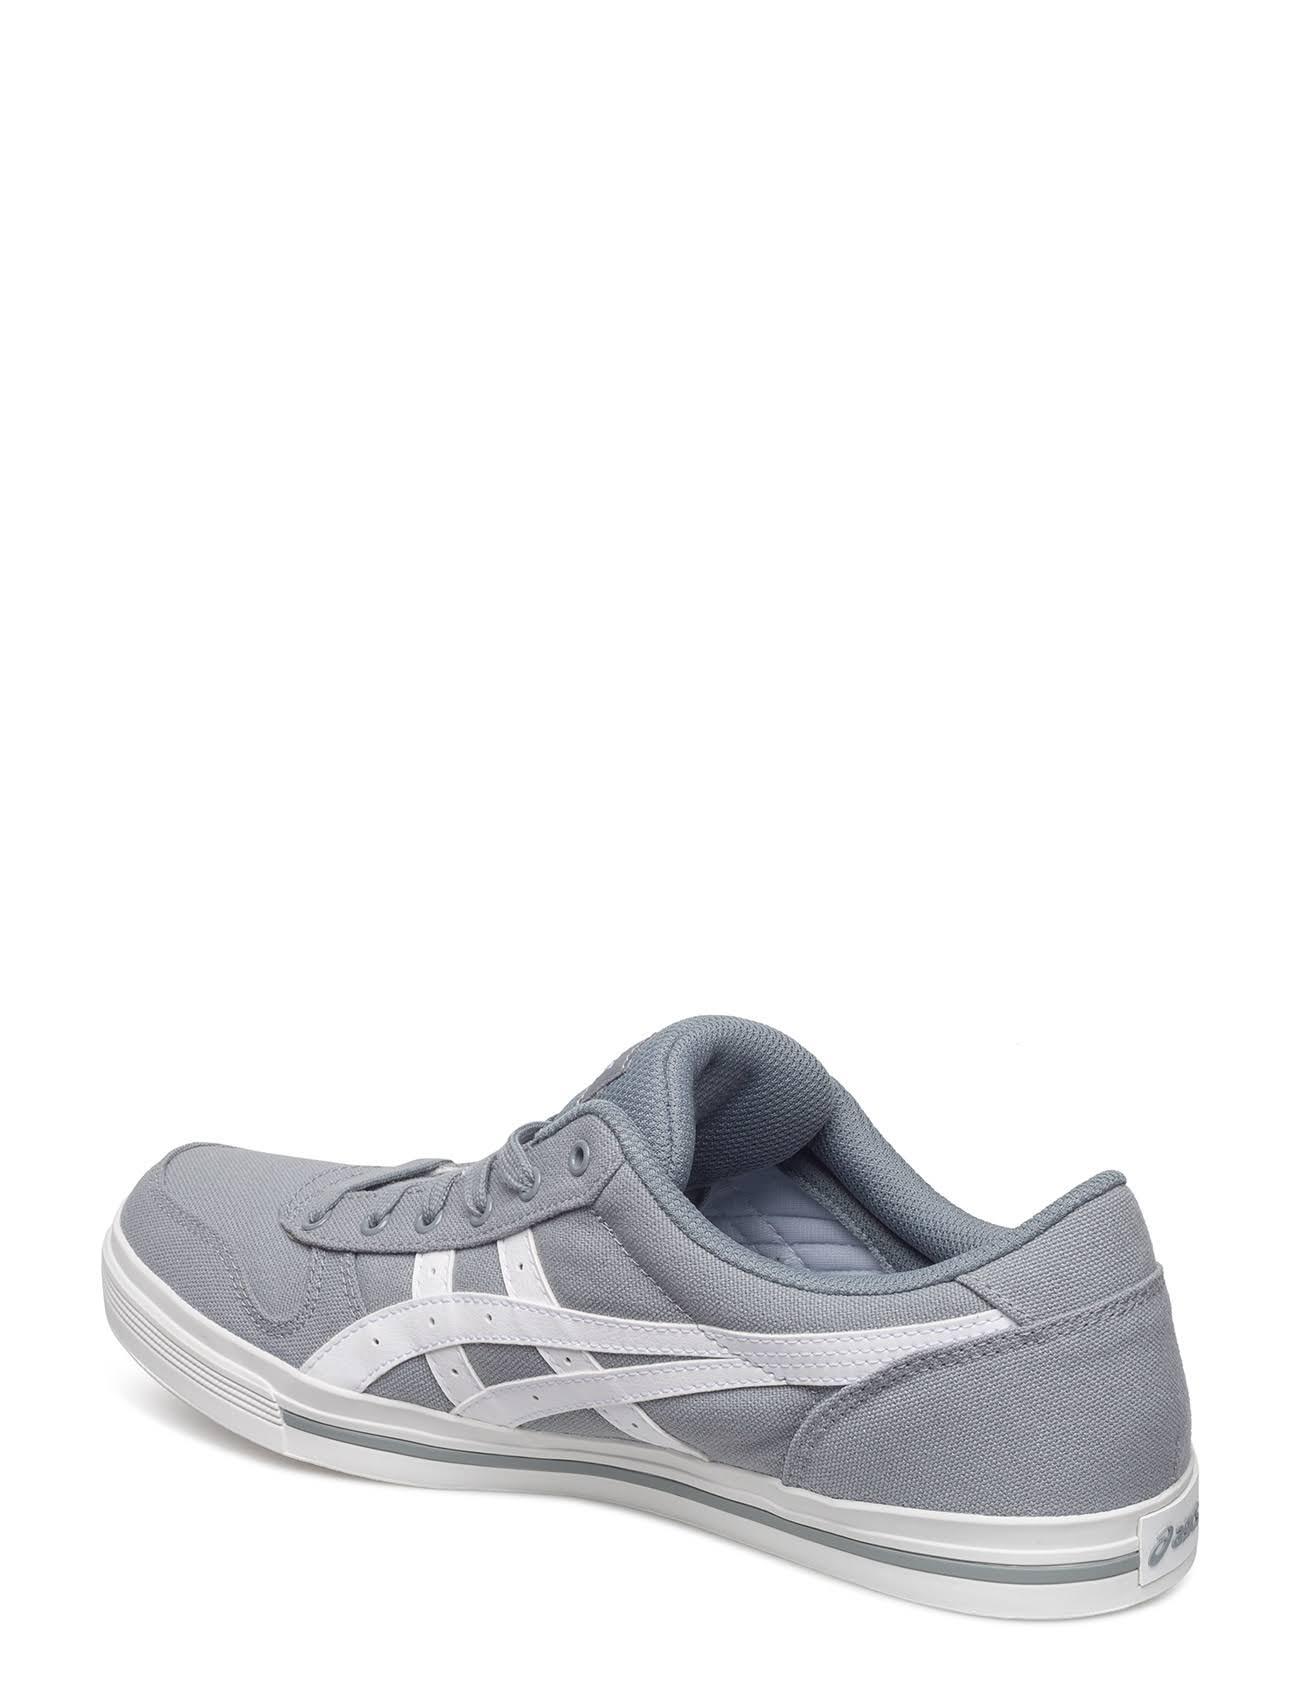 Stone Aaron Aaron Sneakers Asics Grijswit Sneakers Asics Stone Grijswit UzMSpV